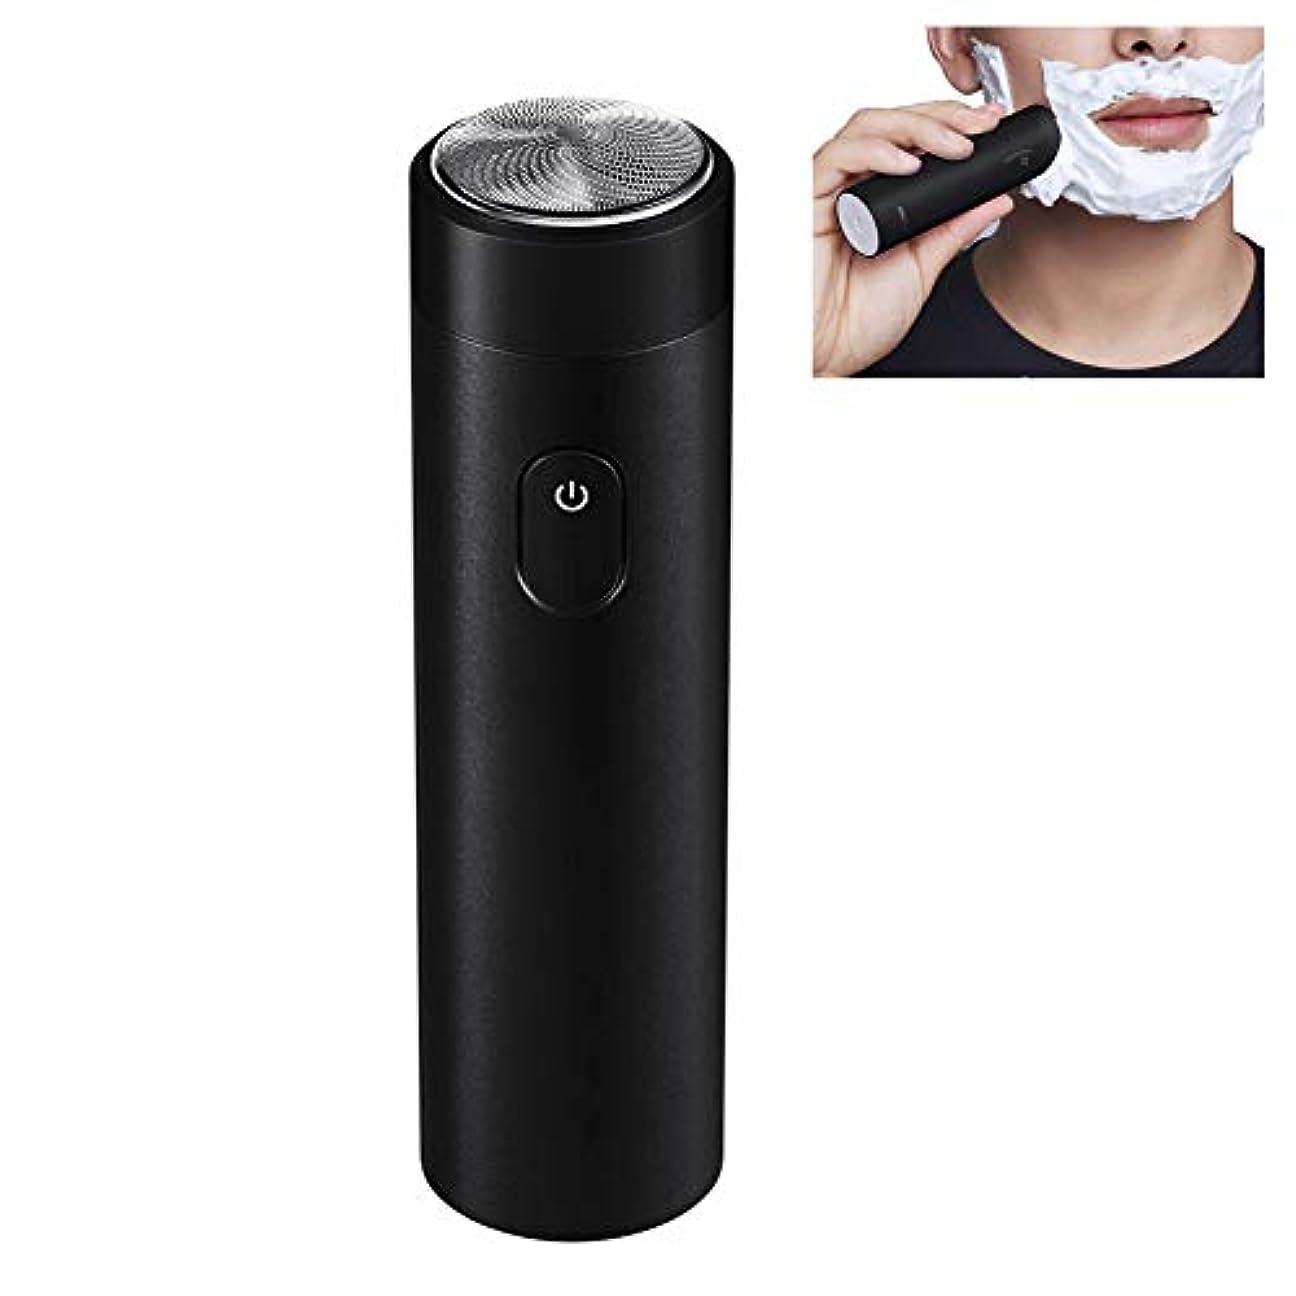 事業内容クッション偏心携帯用ホイルかみそり、USBの電気IPX7は電気かみそりの回転式乾燥したぬれた使用かみそりを防水します,Black